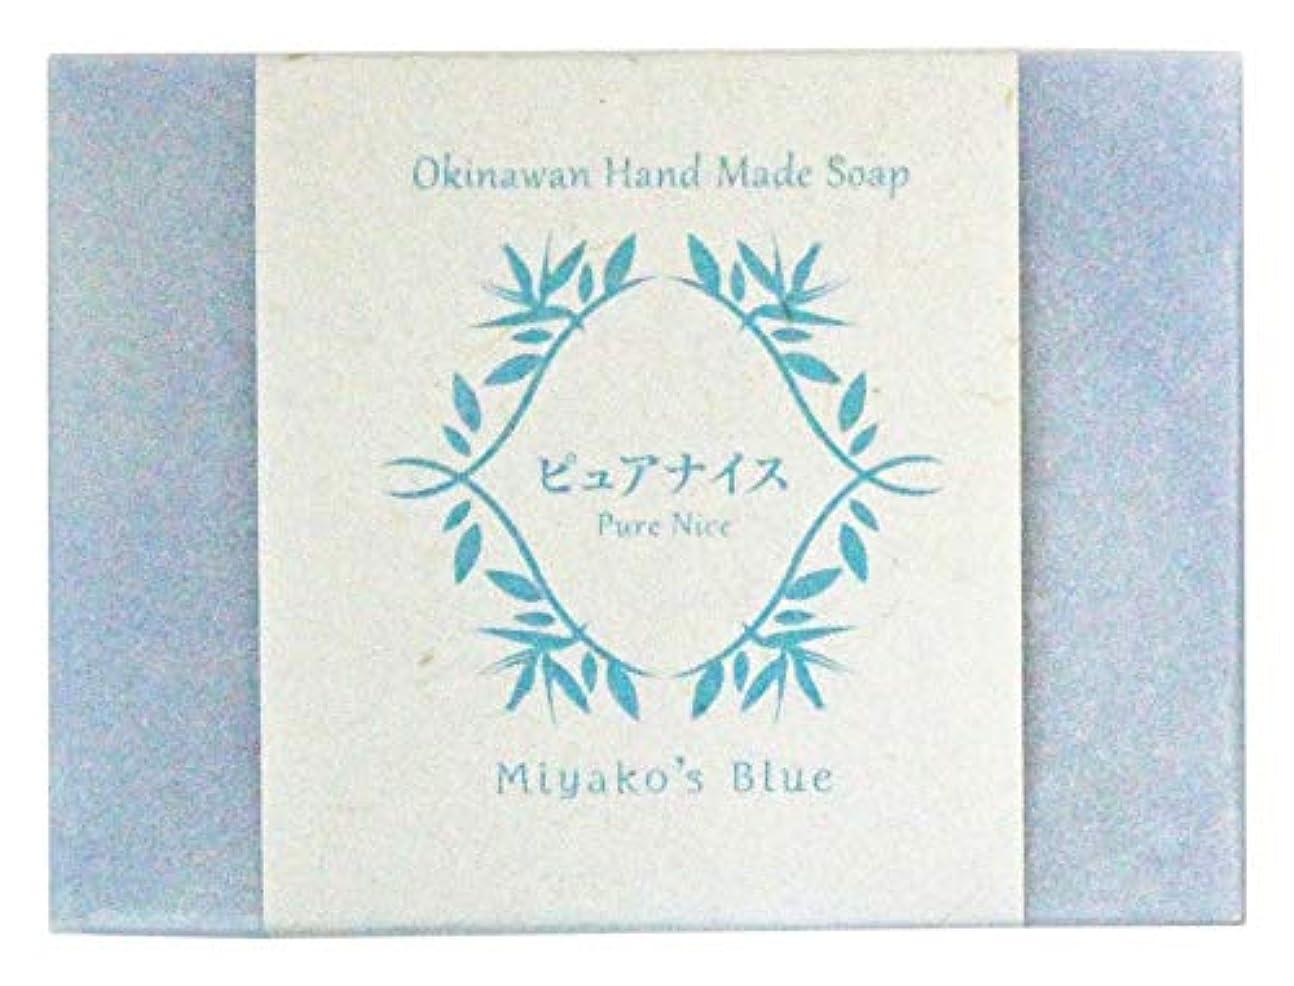 外出今日コードピュアナイス おきなわ素材石けん Mikako's Blue 100g